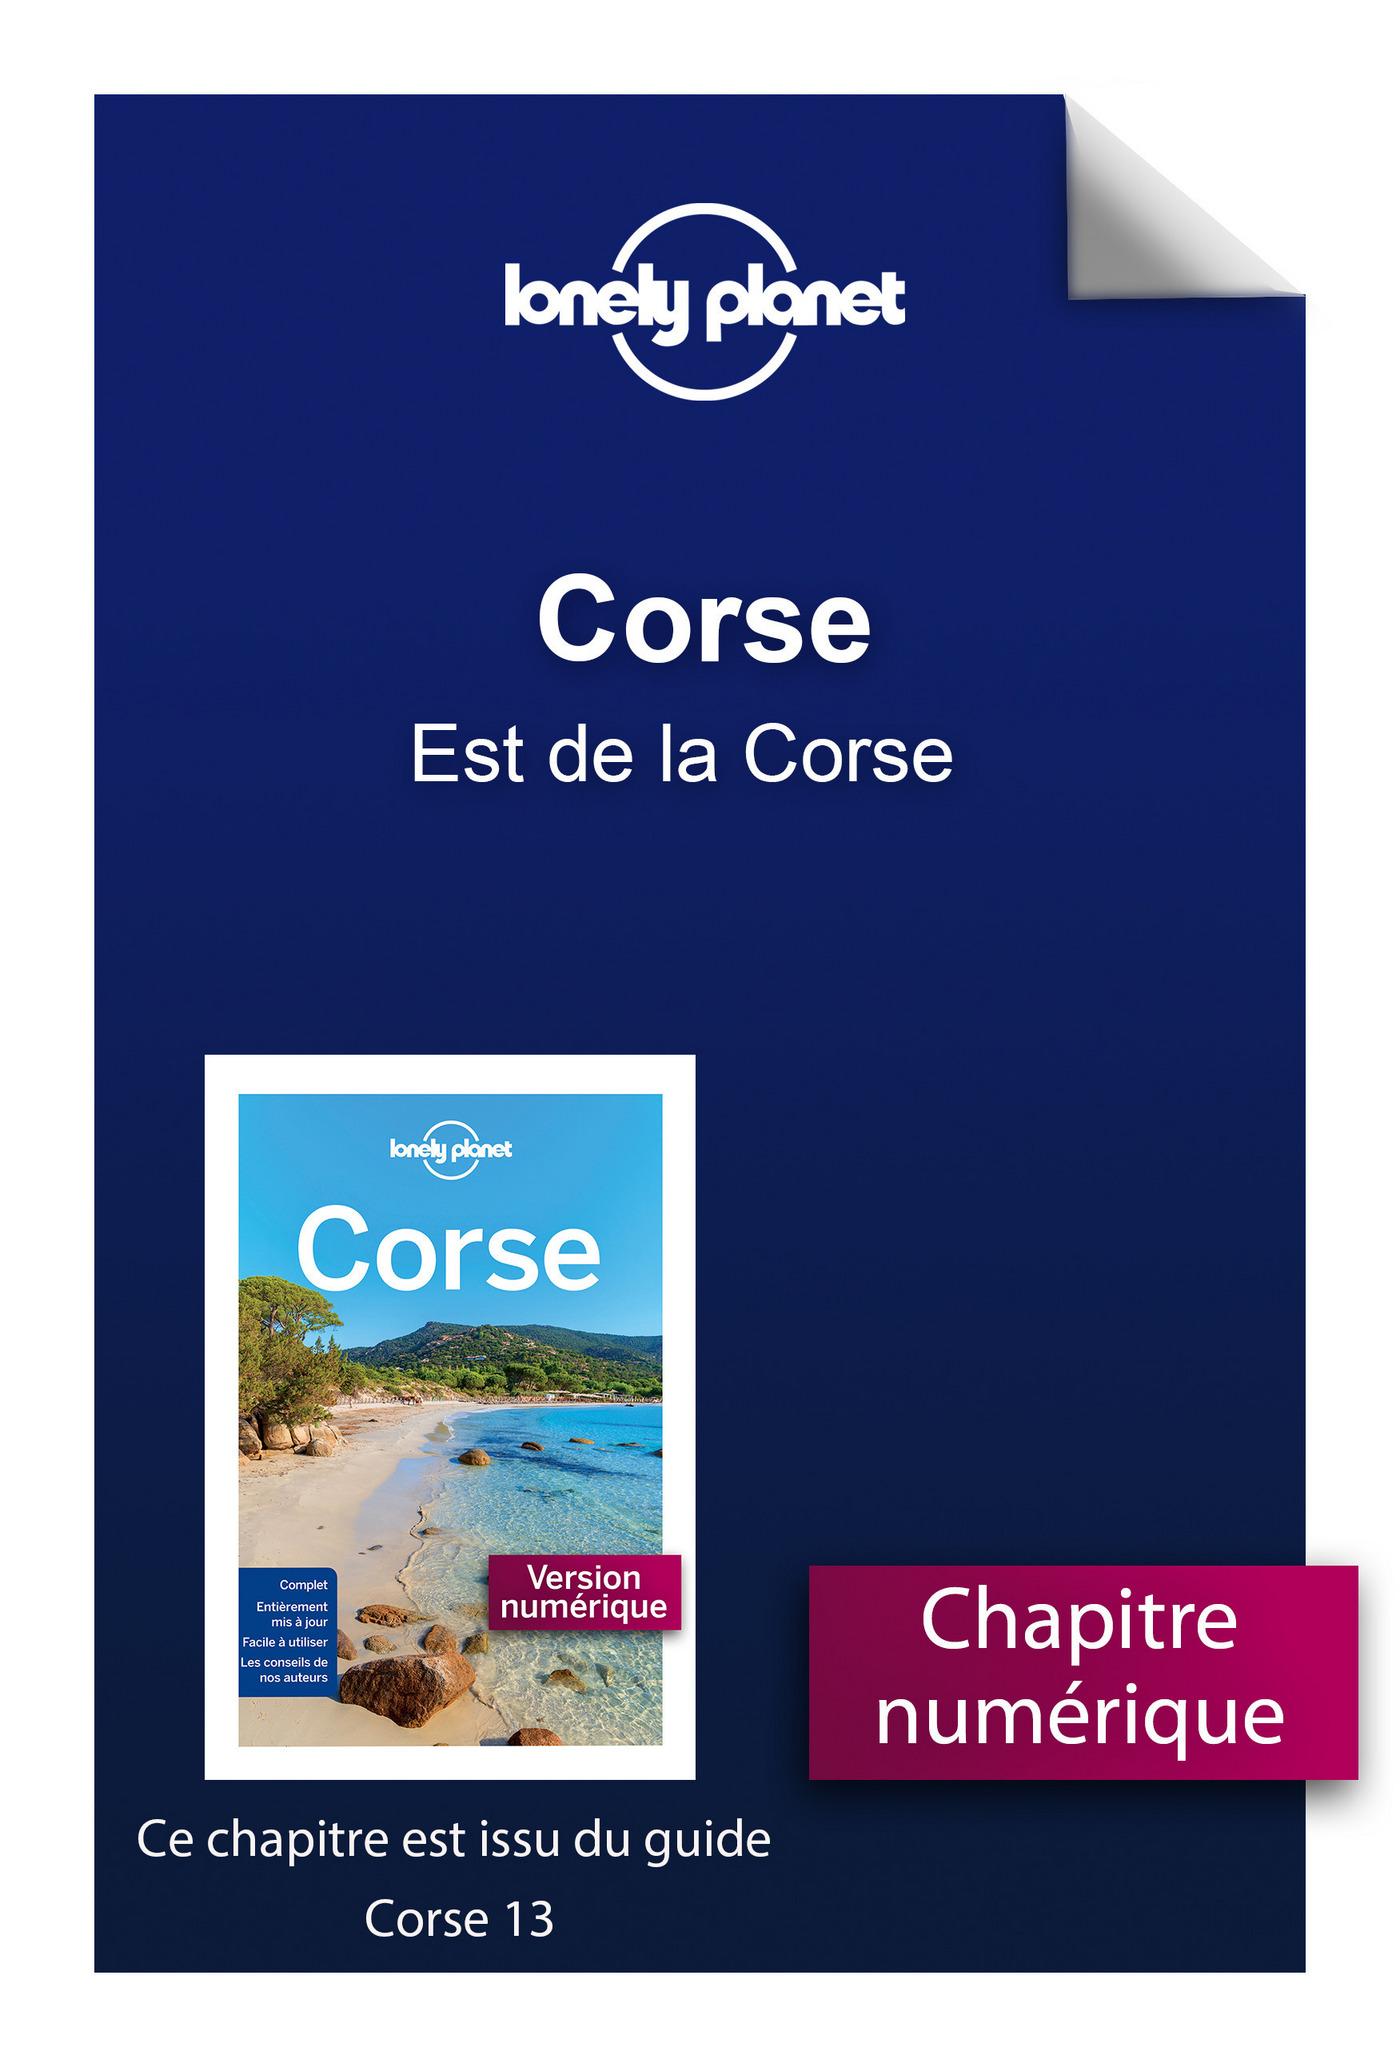 Corse - Est de la Corse